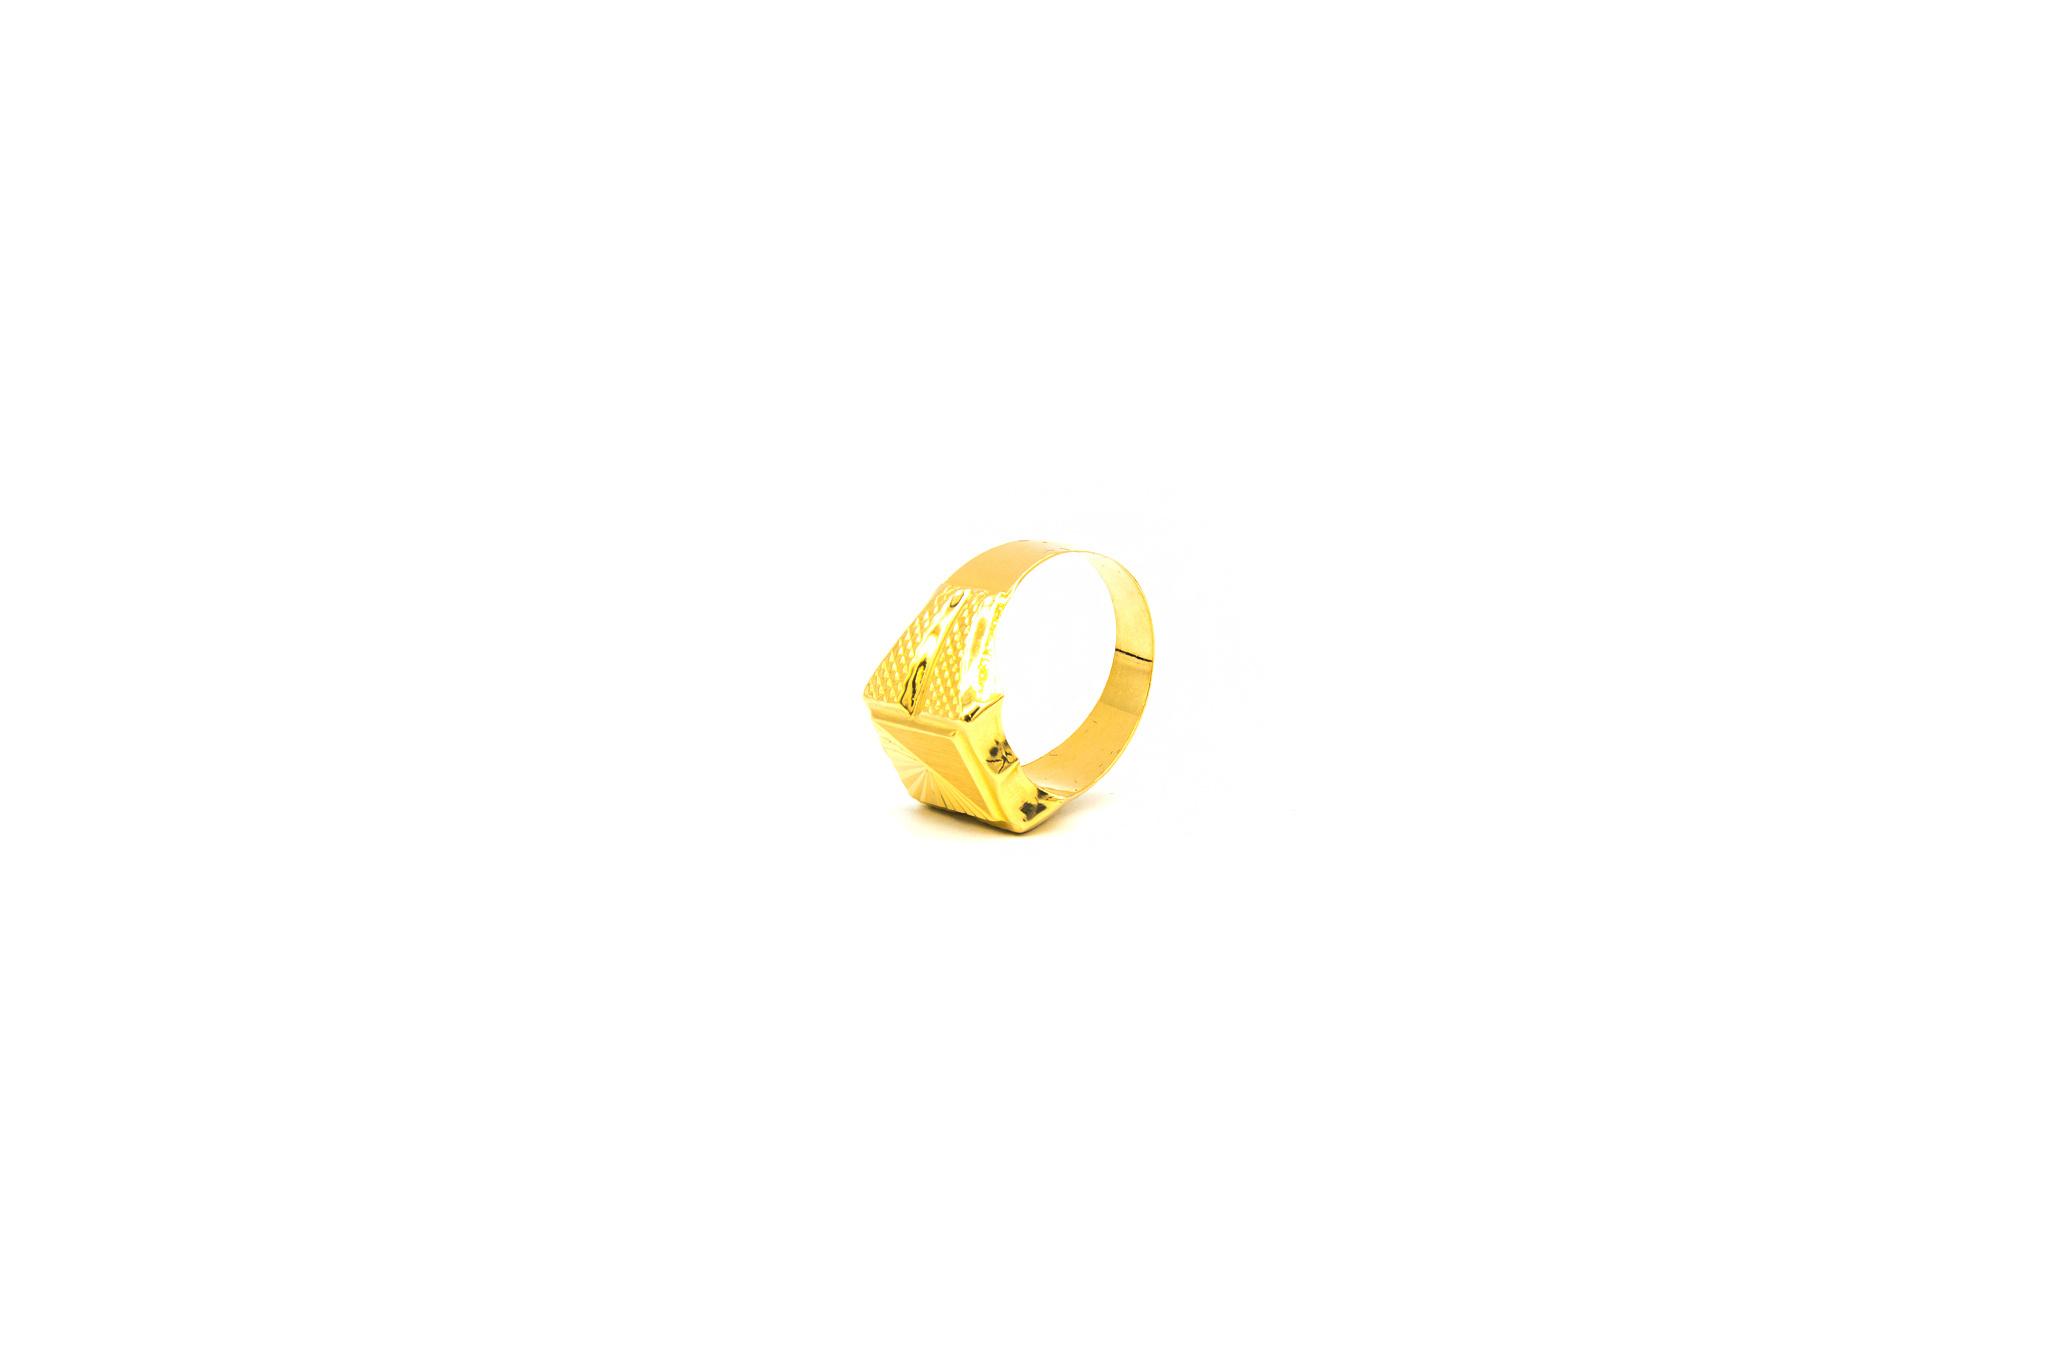 Ring zegel-5